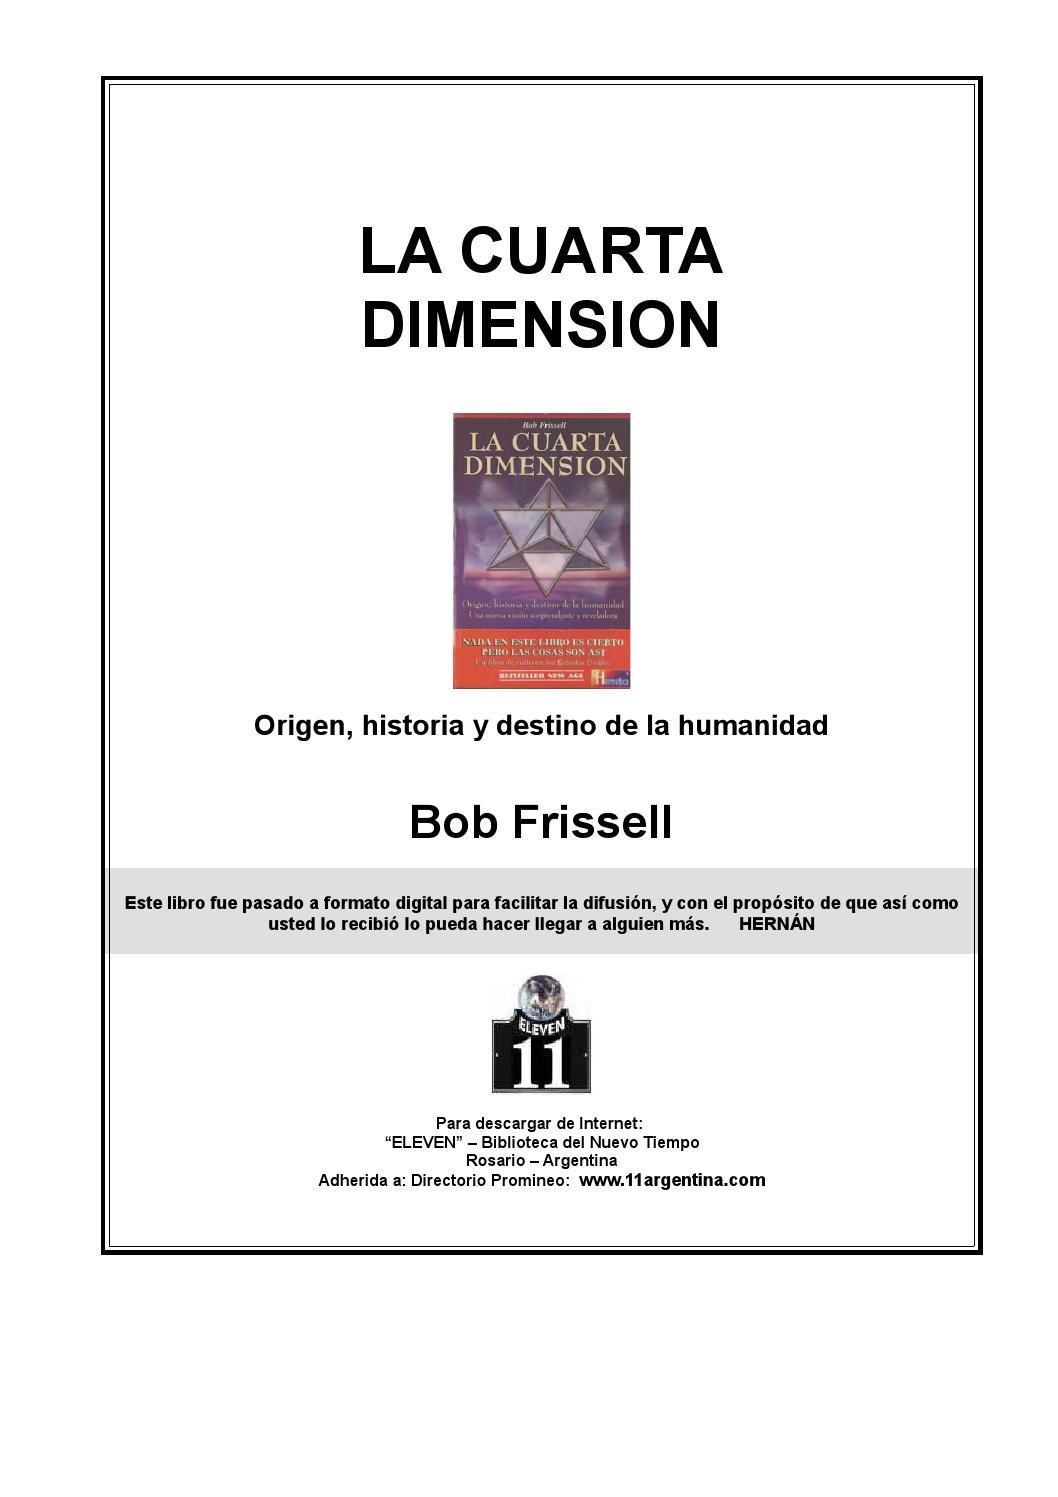 La Cuarta Dimension (by Bob Frissell) by Juan Carlos Corzo - issuu